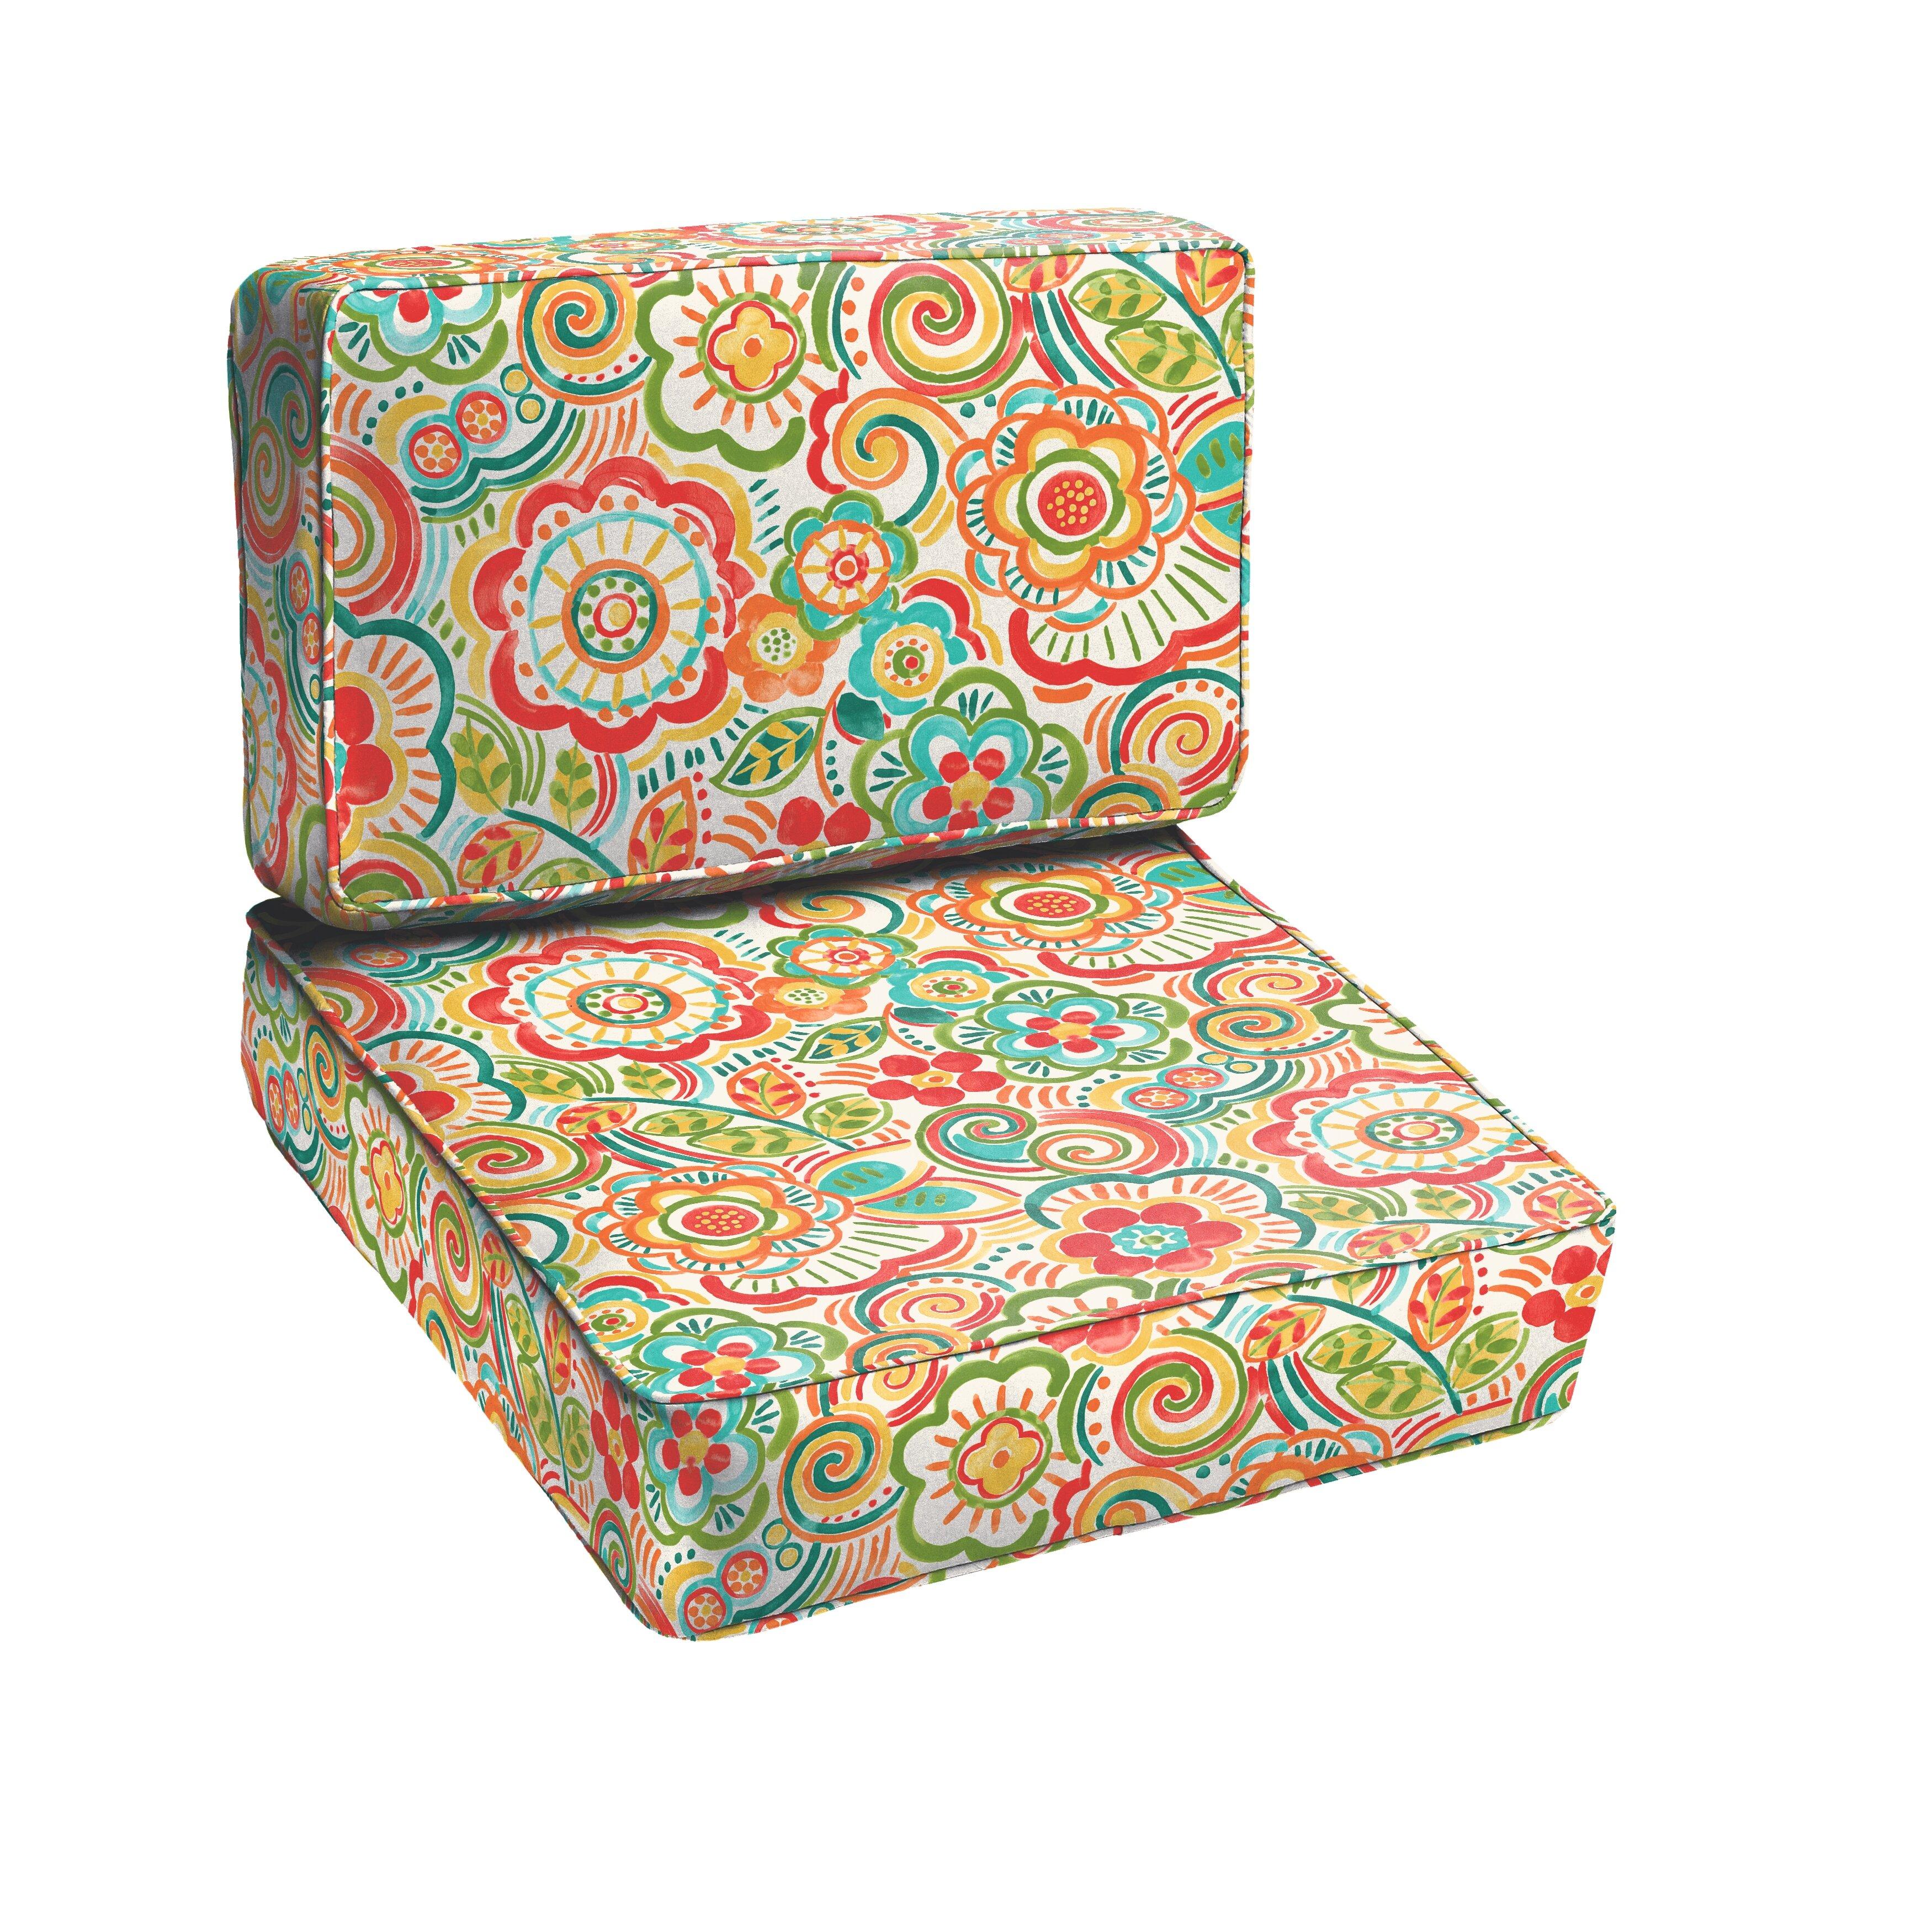 Latitude Run Annette 2 Piece Outdoor Chair Cushion Set – 2 Piece Outdoor Chair Cushions